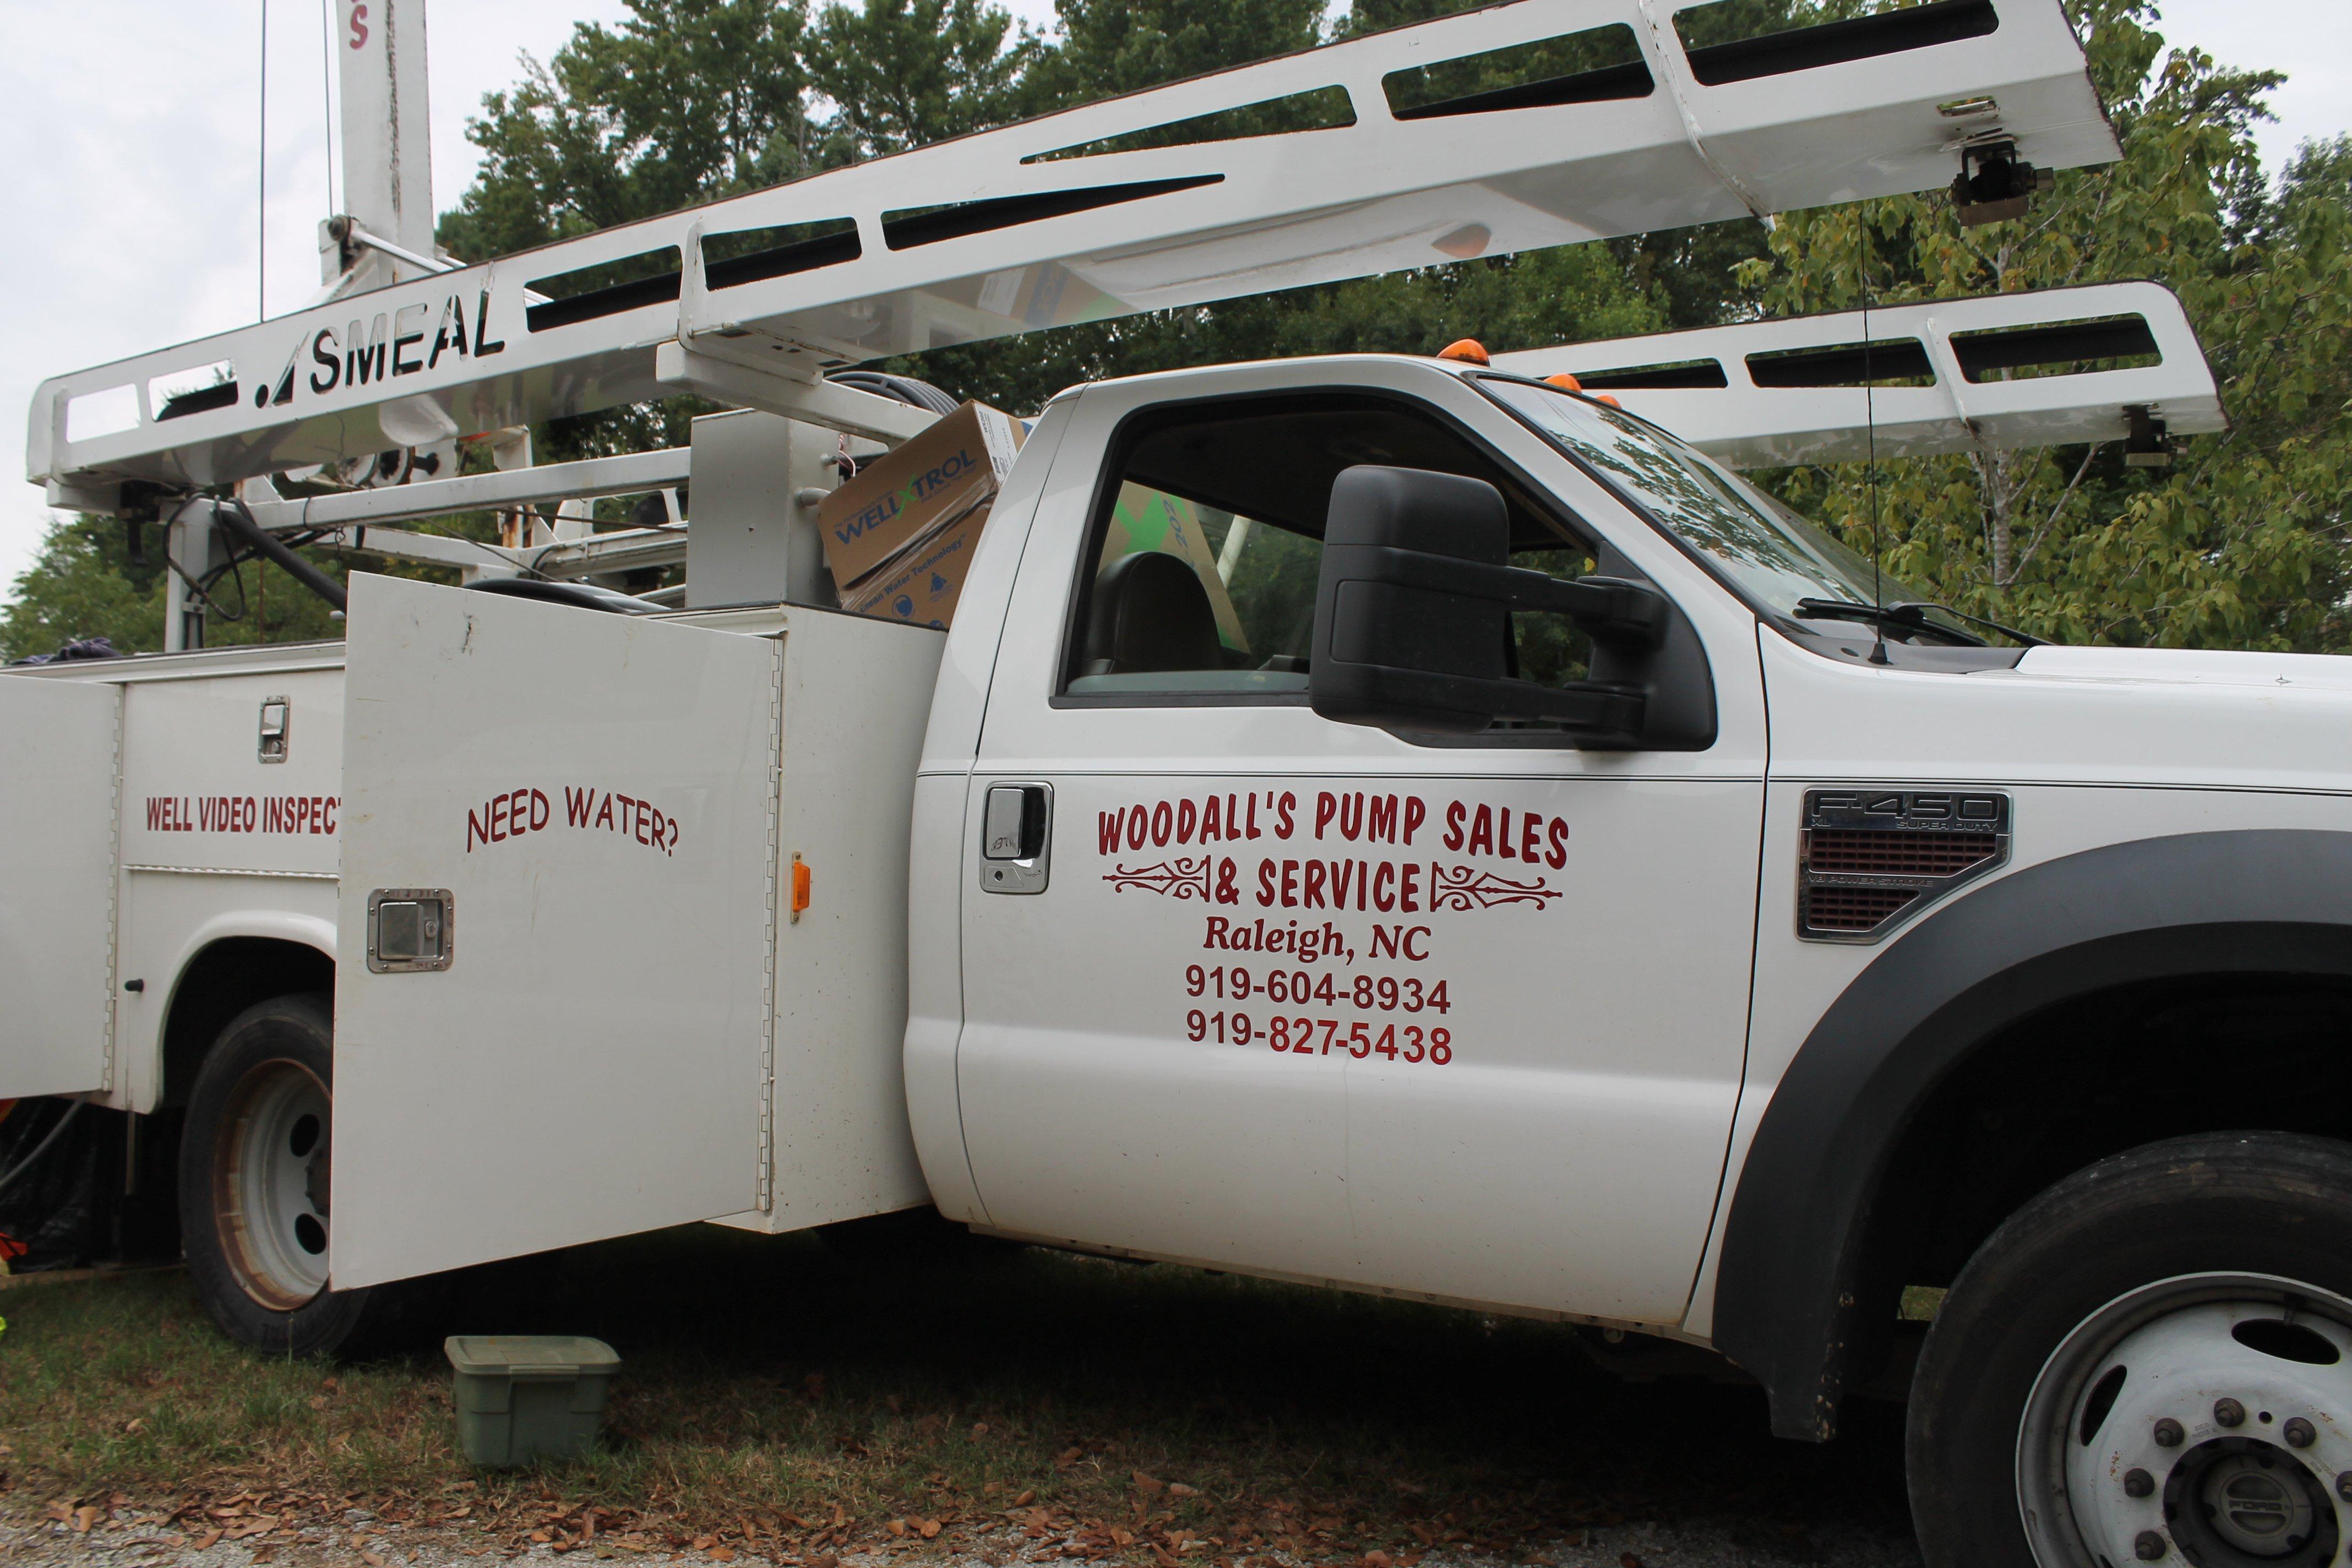 Woodall's Pump Sales truck